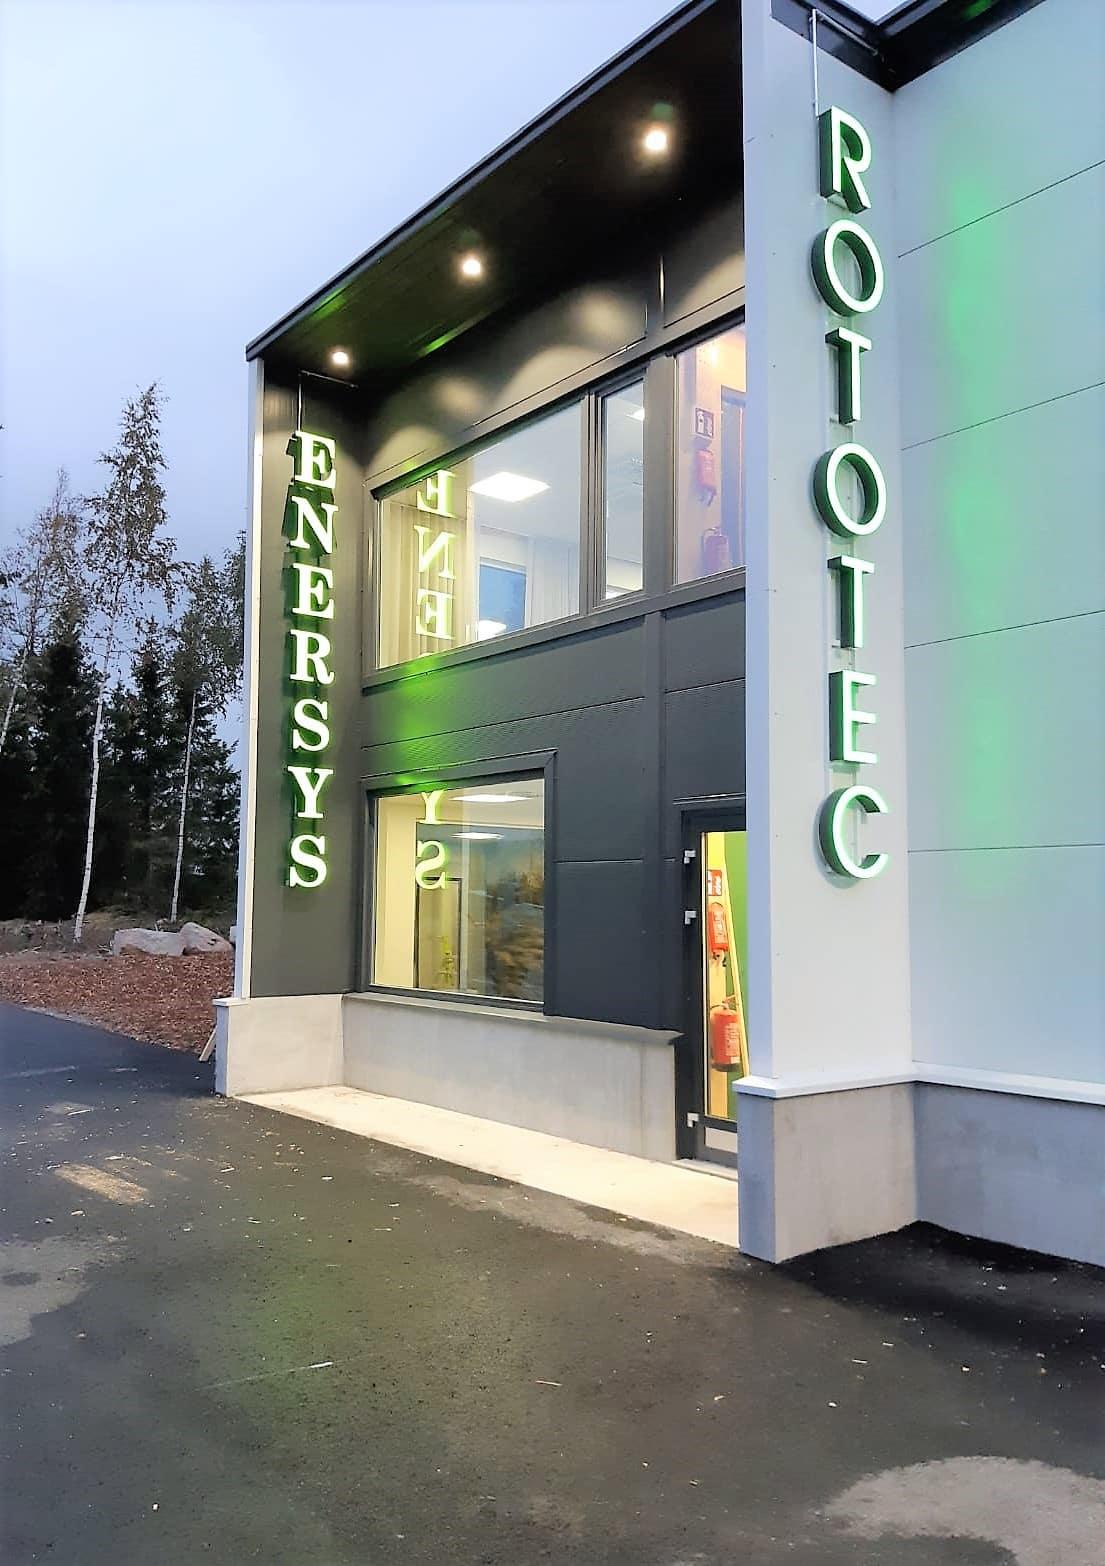 BRAND toimitilat rakensi uuden toimitilan Rototecille Vantaalle